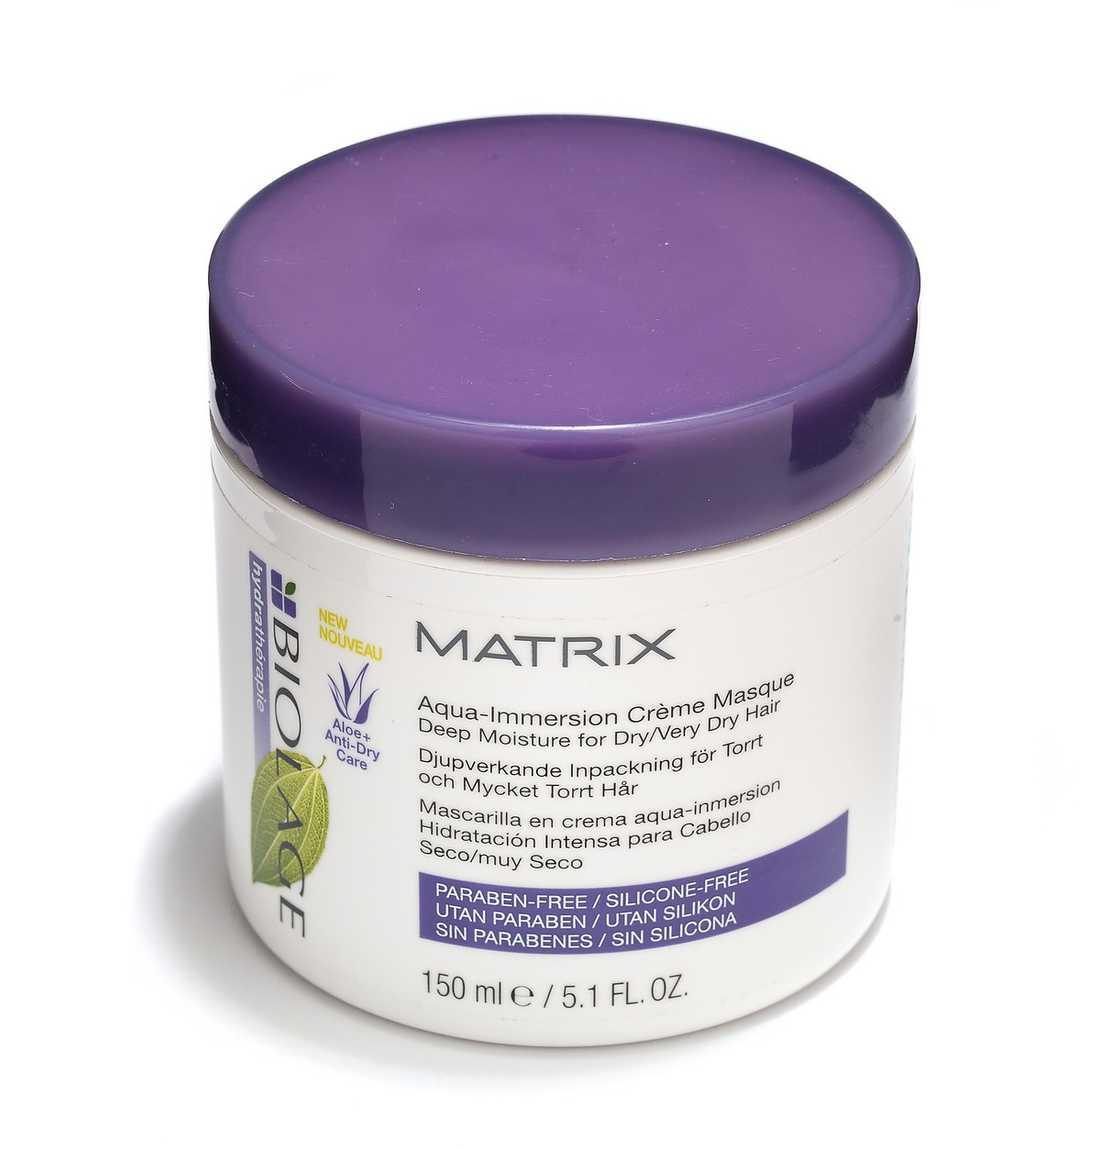 """""""Aqua-immersion crème masque"""" Paraben- och silikonfri treminutersinpackning för riktigt uttorkat och slitet sommarhår. Konsistensen är krämig och lättfördelad men svår att skölja ur. Resultatet är desto bättre: lättformat och blankt hår. 175 kr, Matrix."""